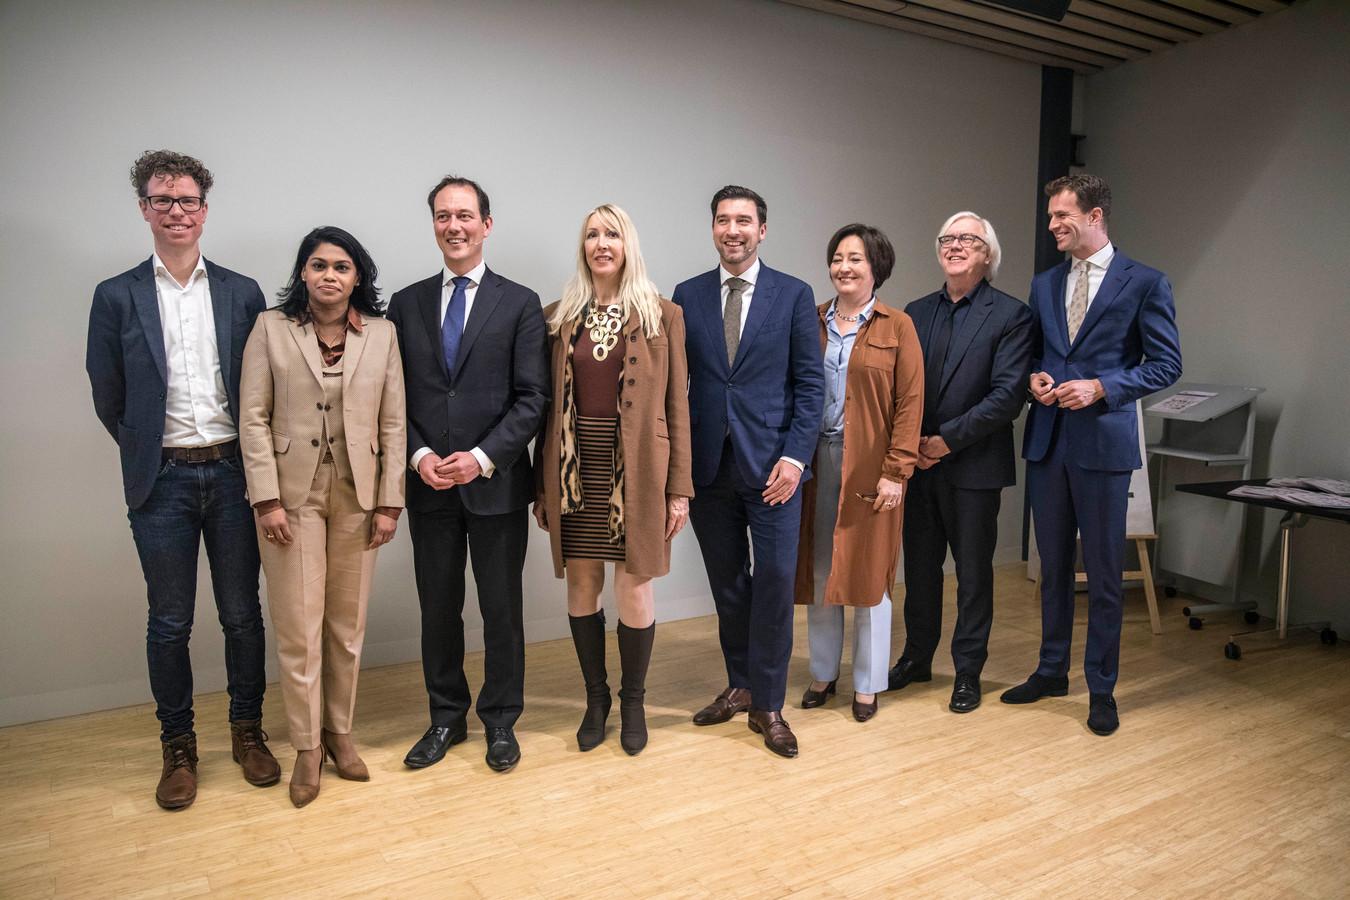 Beeld ter illustratie: Het nieuwe college van Den Haag, met van links naar rechts: Martijn Balster (PvdA), Kavita Parbudhayal (VVD), Boudewijn Revis (VVD), Liesbeth van Tongeren (GroenLinks), Robert van Asten (D66), Saskia Bruines (D66), Bert van Alphen (GroenLinks) en Hilbert Bredemeijer (CDA).